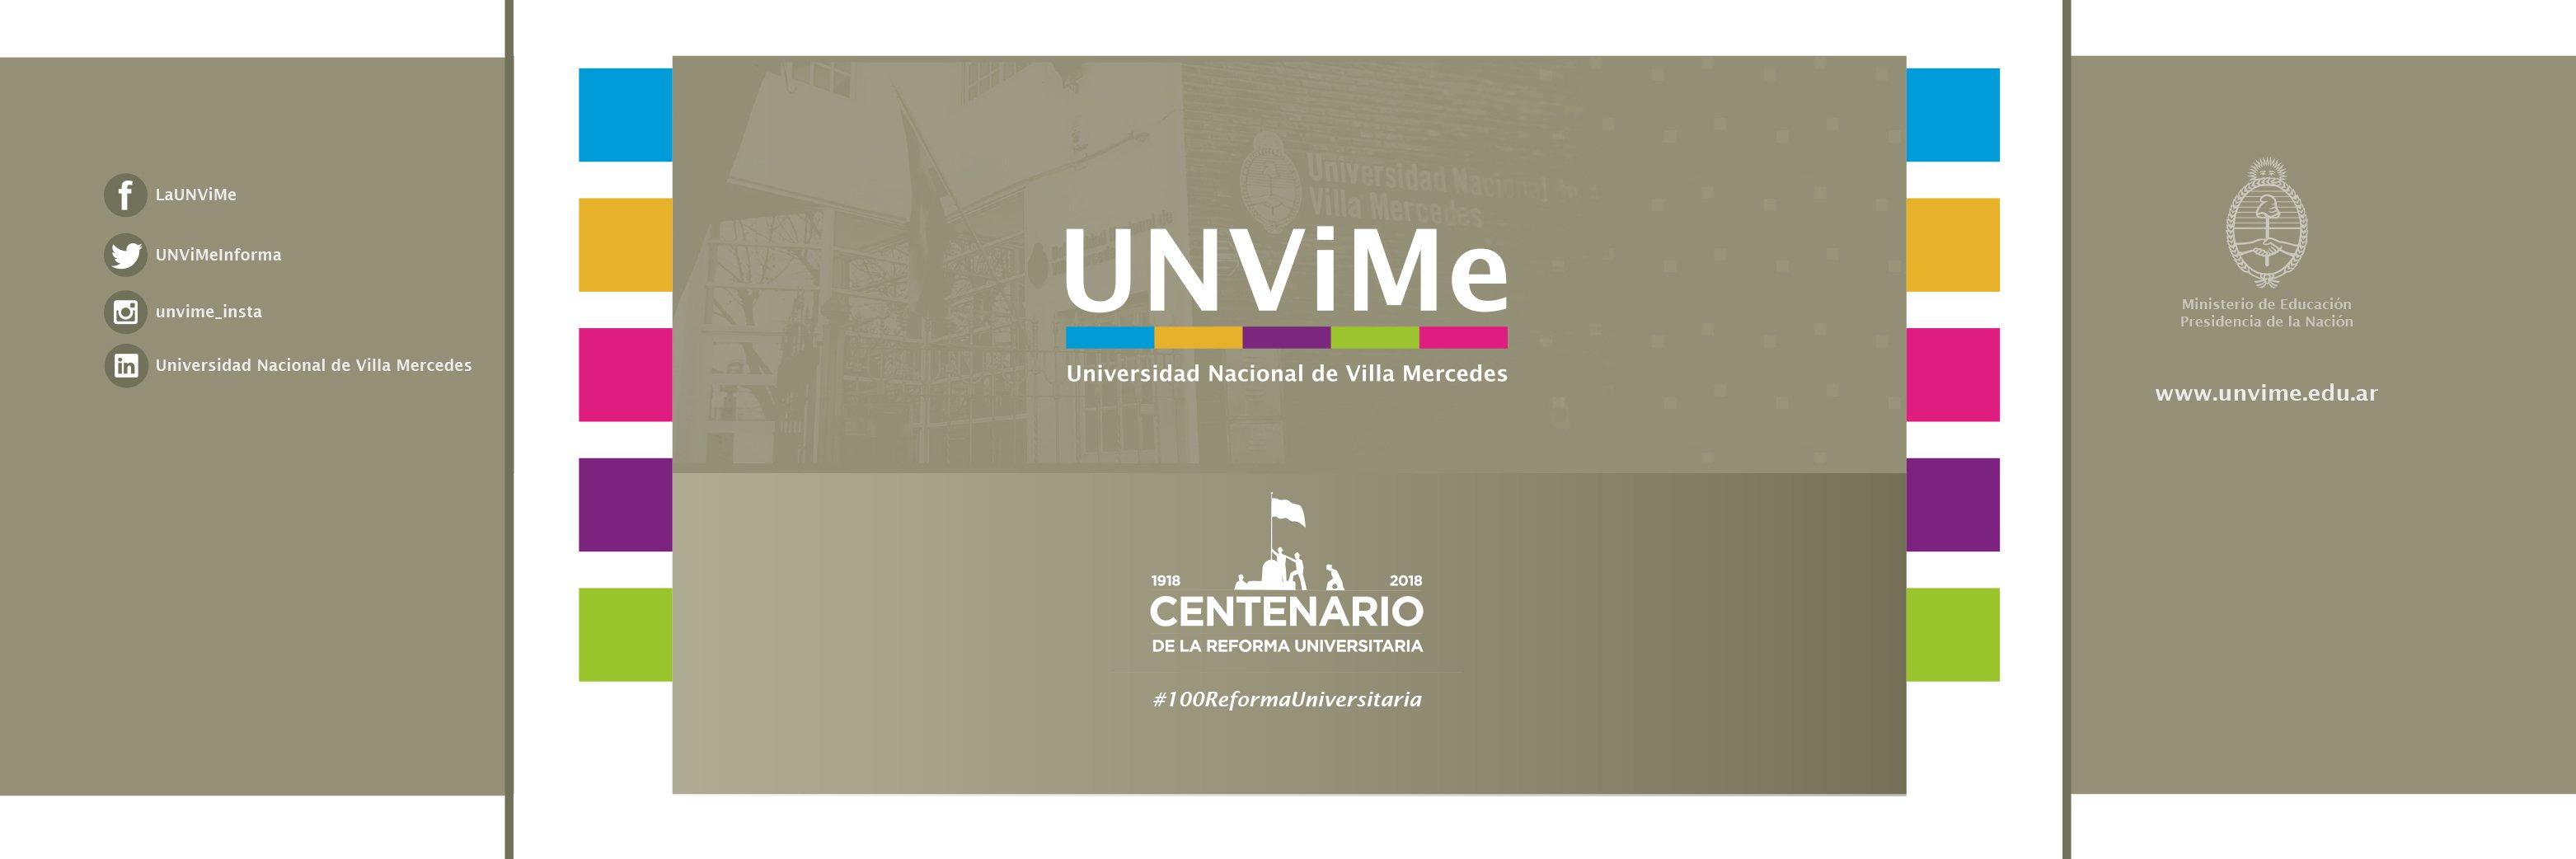 Universidad Nacional de Villa Mercedes's official Twitter account